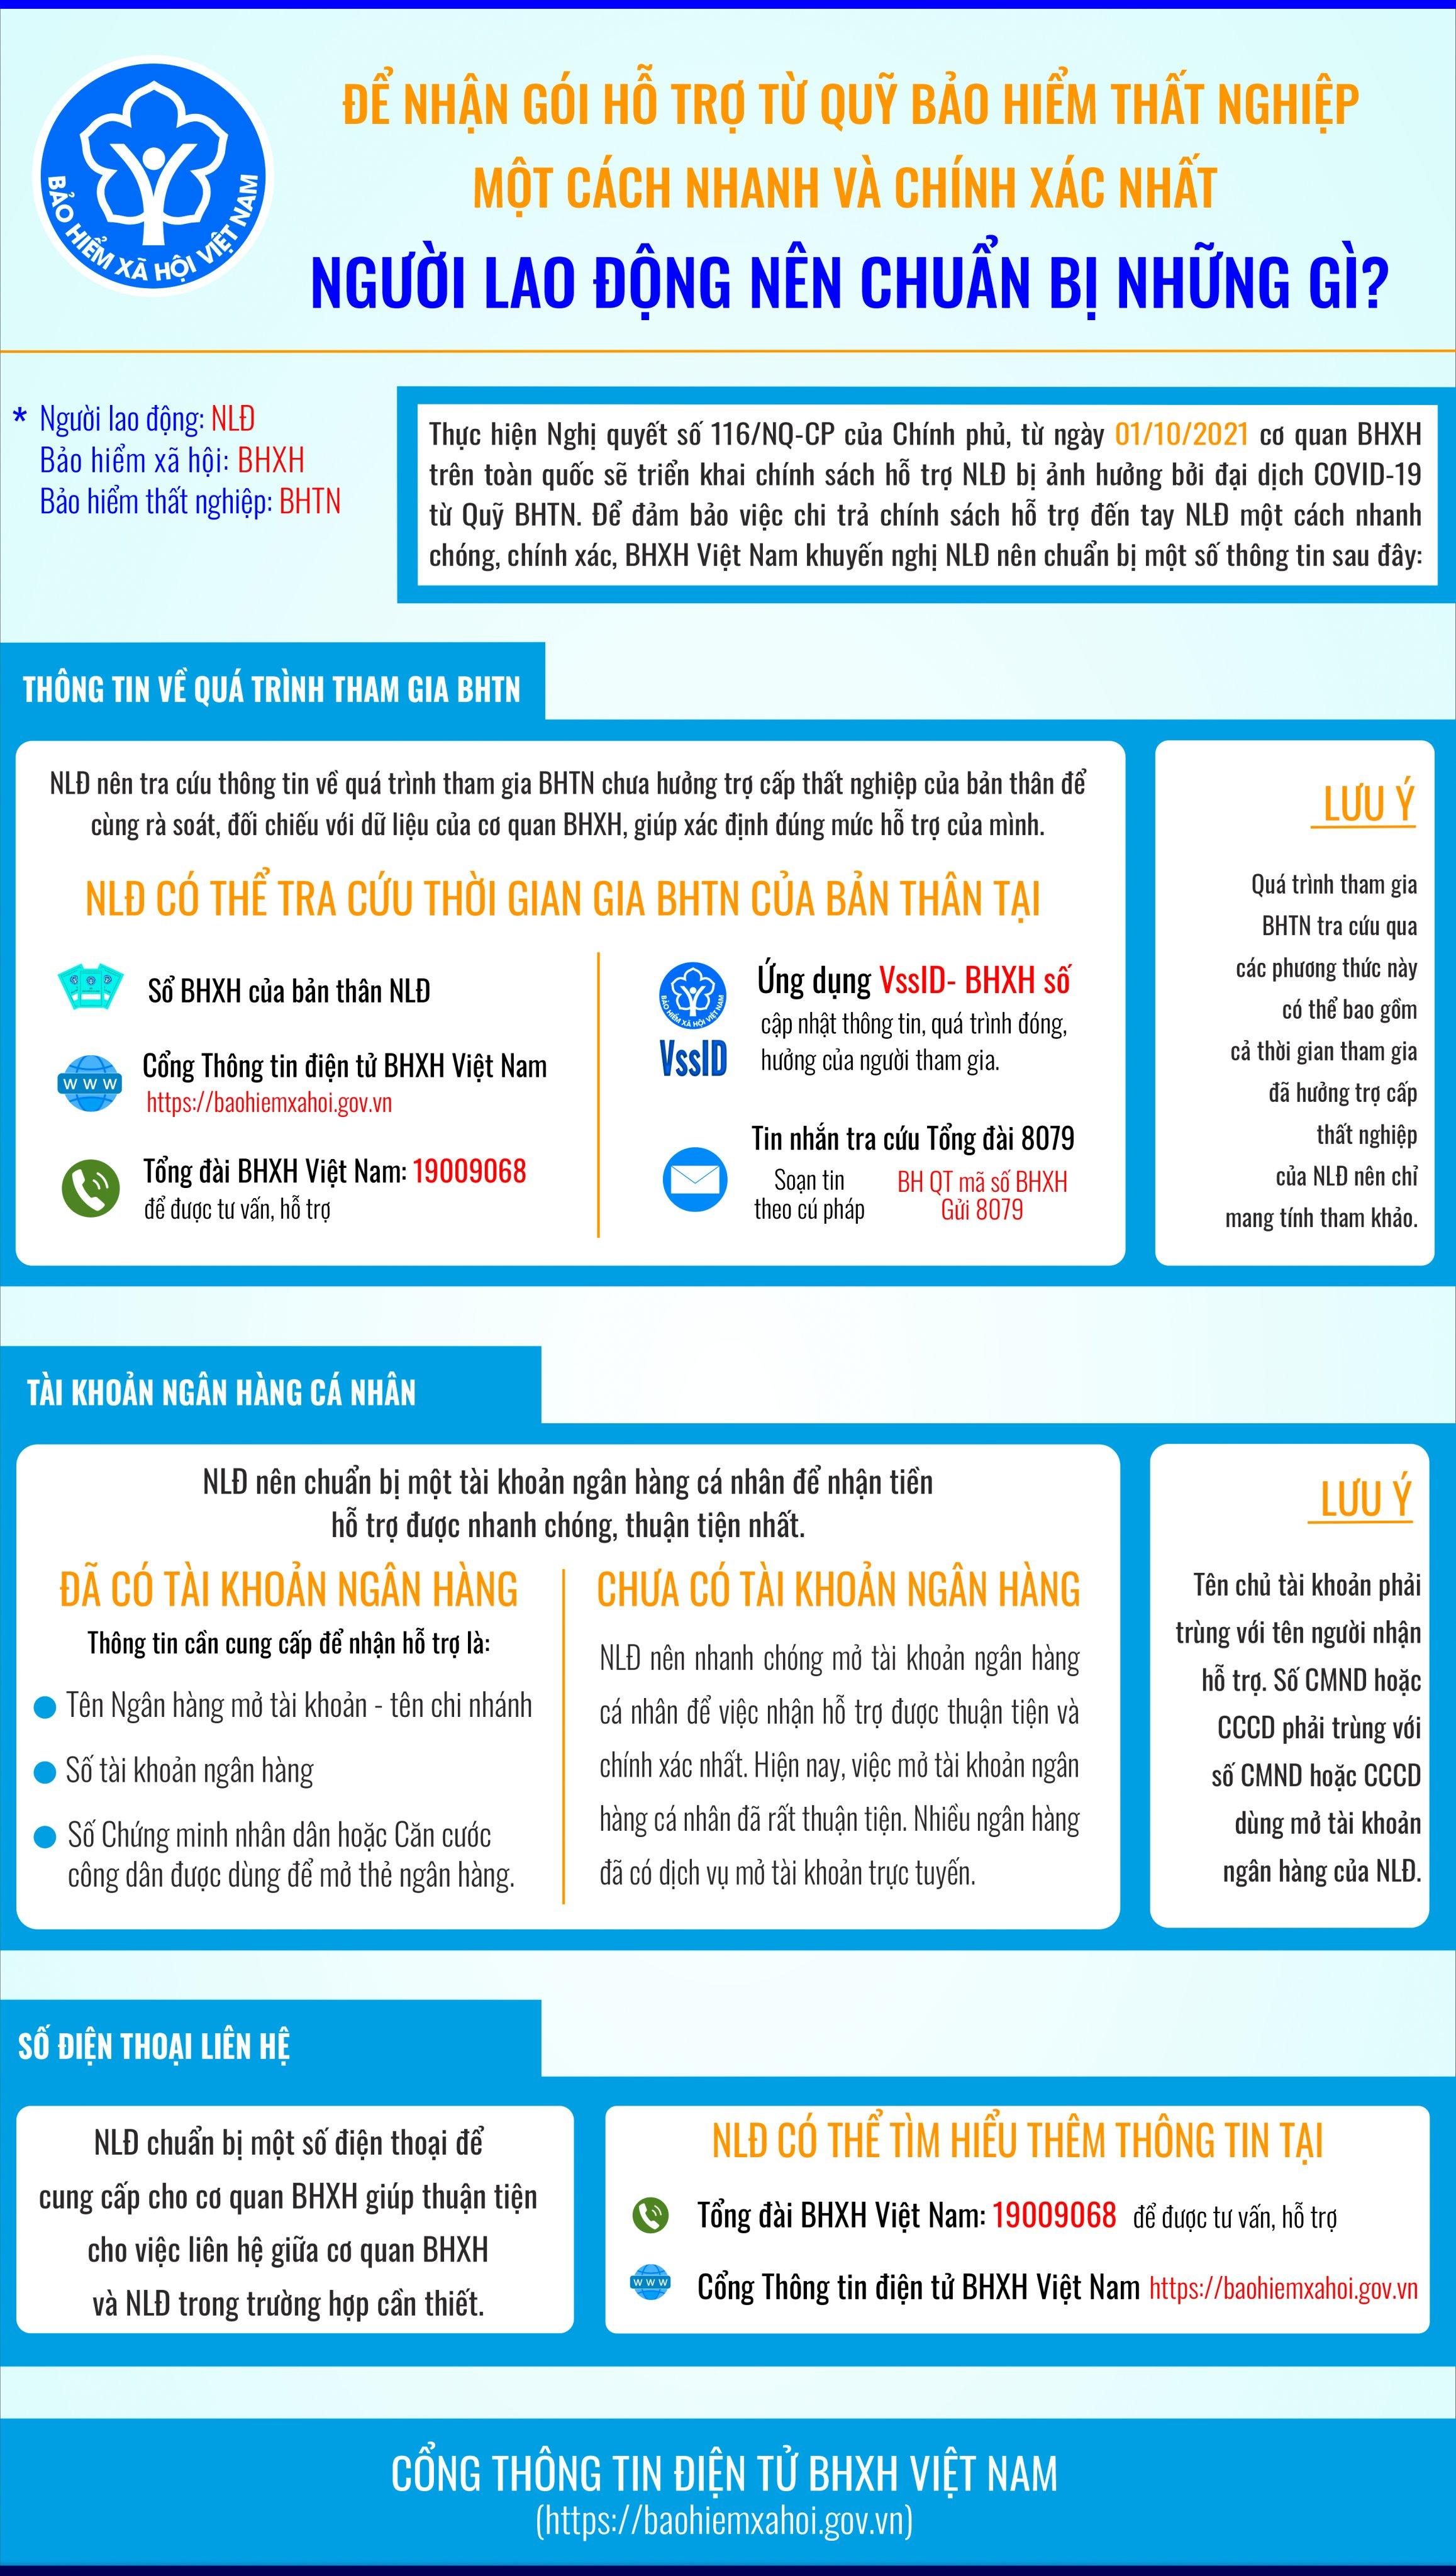 [Infographics] Người lao động cần chuẩn bị gì để nhận hỗ trợ từ Quỹ Bảo hiểm thất nghiệp? - Ảnh 1